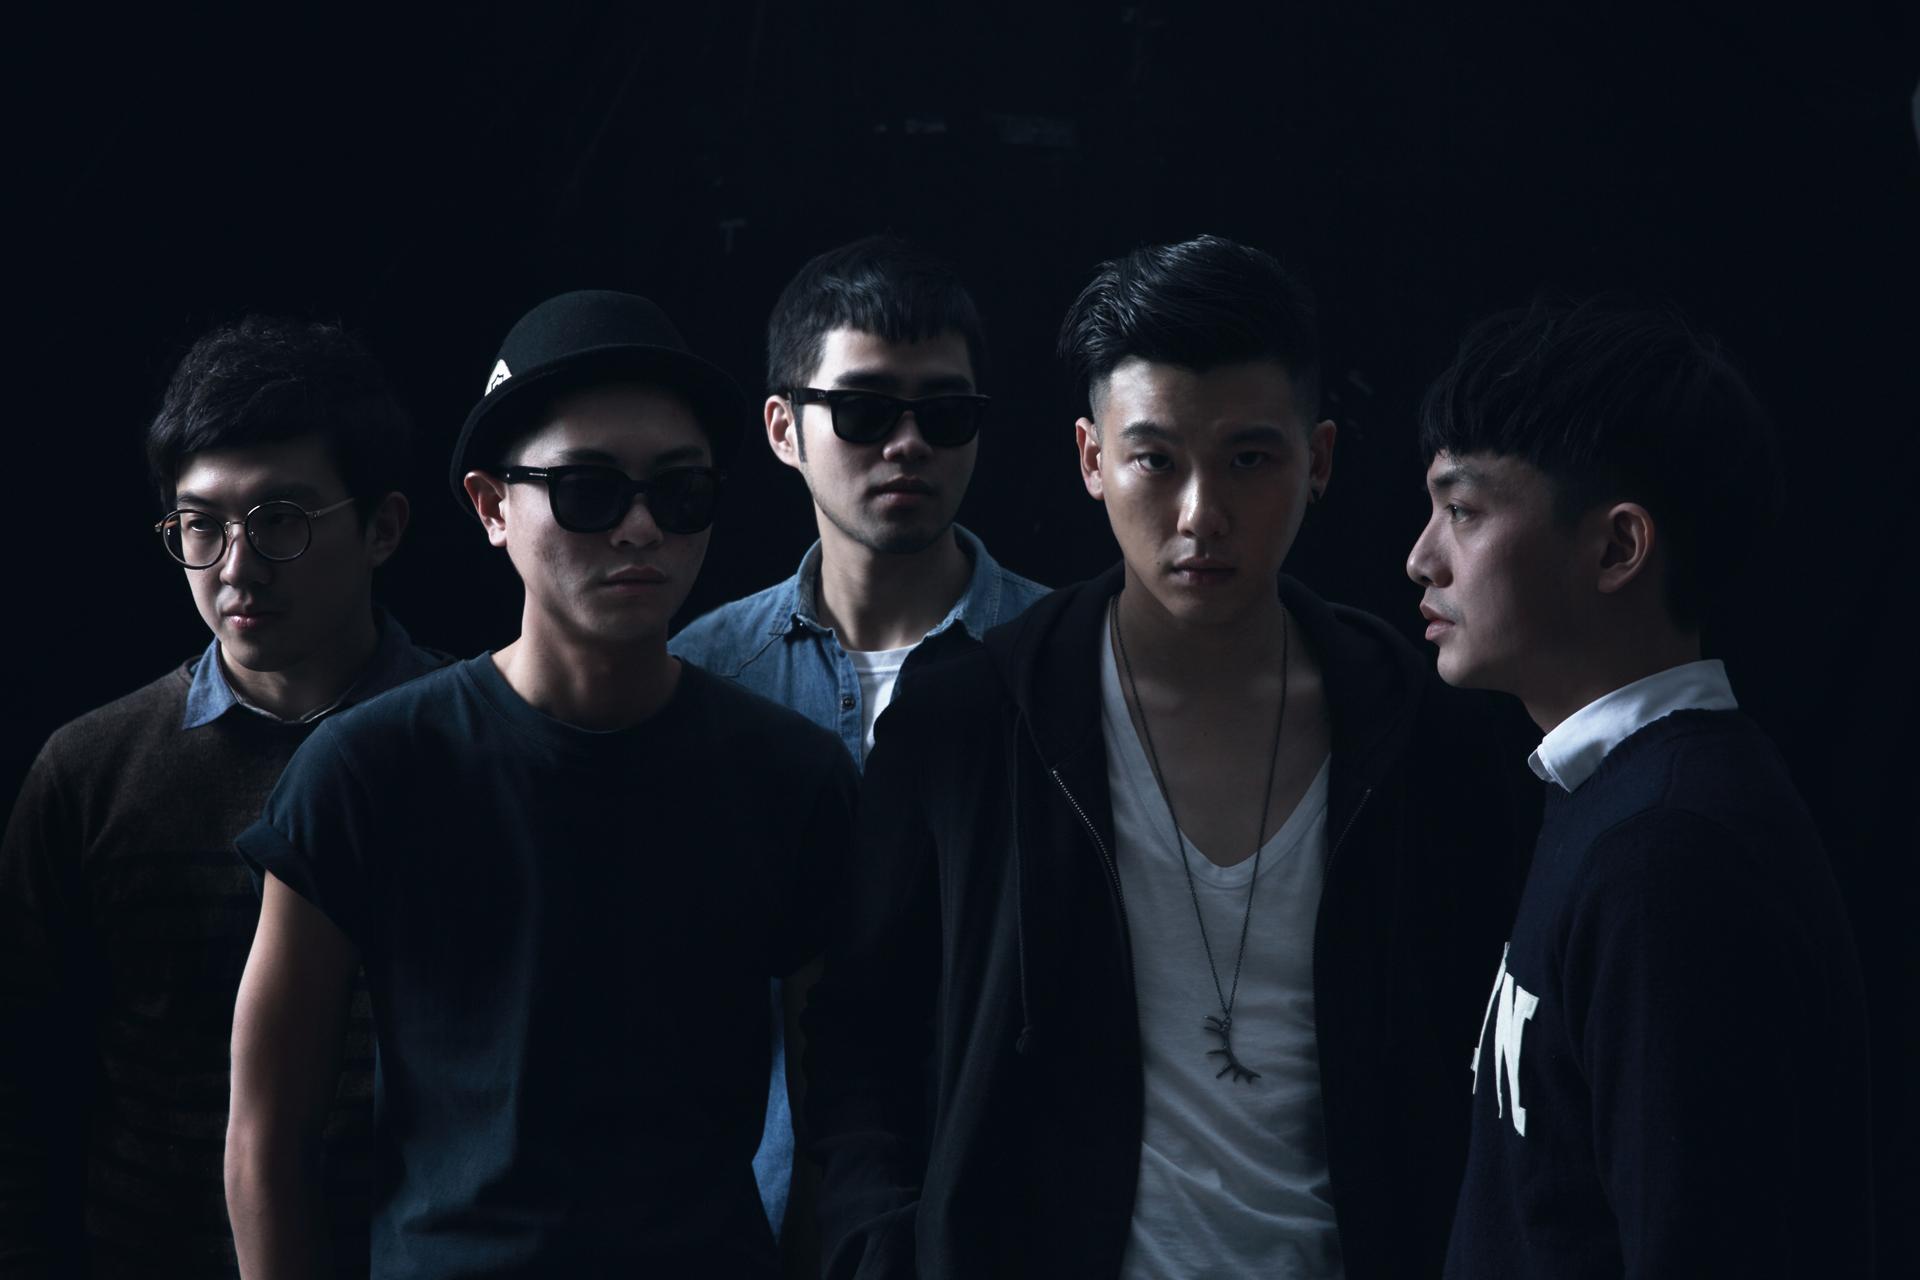 南瓜妮歌迷俱樂部團員左起:吉他李孝祖、鼓組林一根、貝斯弘禮、主唱柯家洋、吉他小青蛙